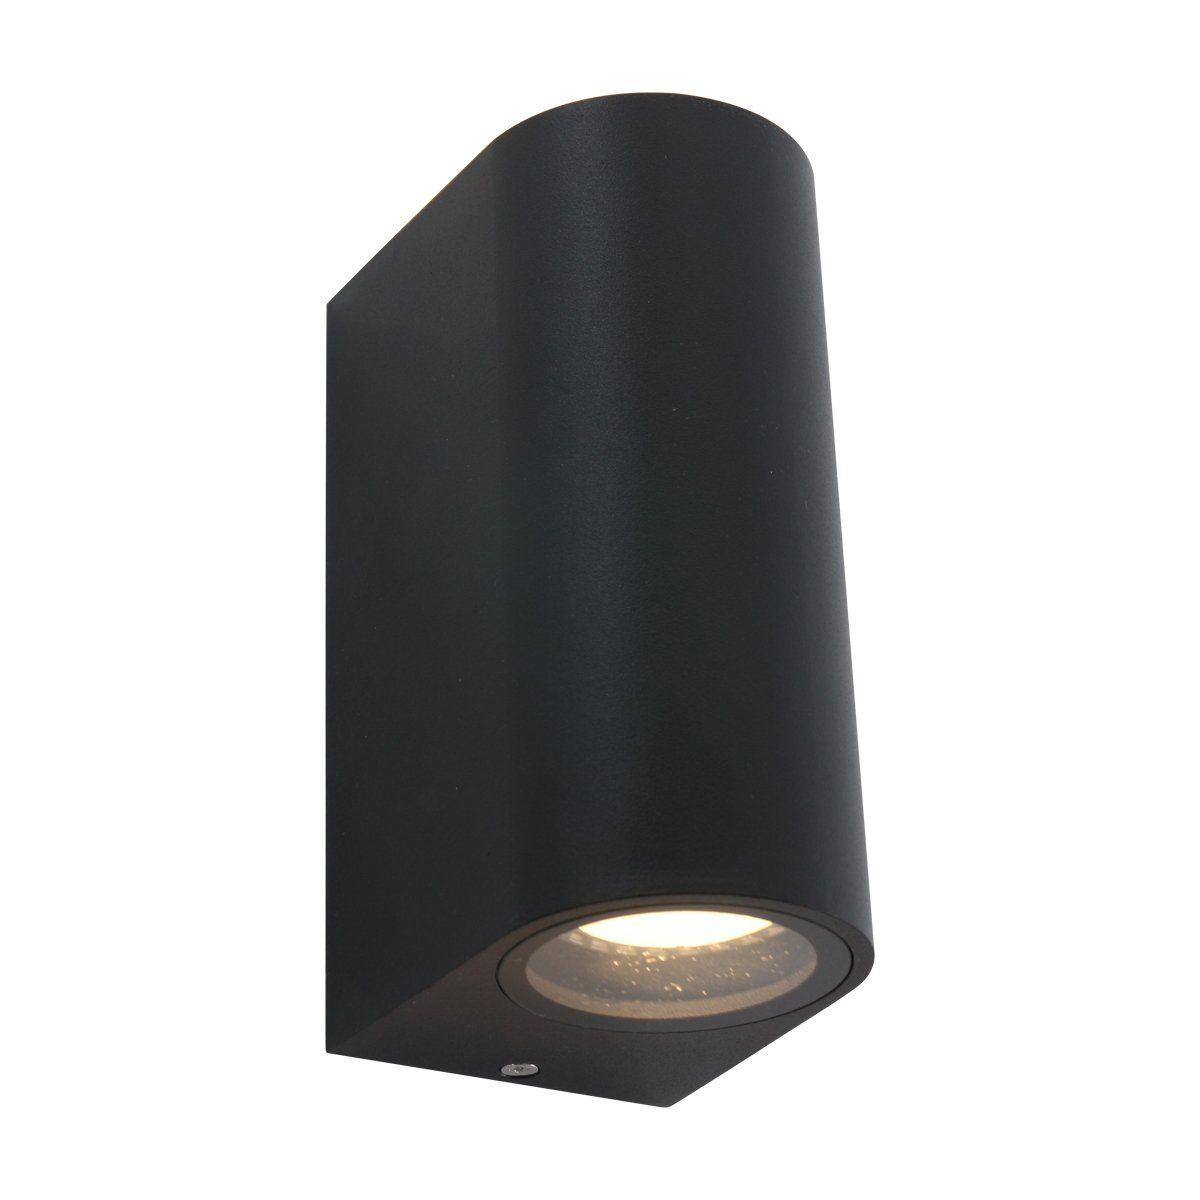 Steinhauer buiten wandlamp Logan cilinder 2 lichts - zwart